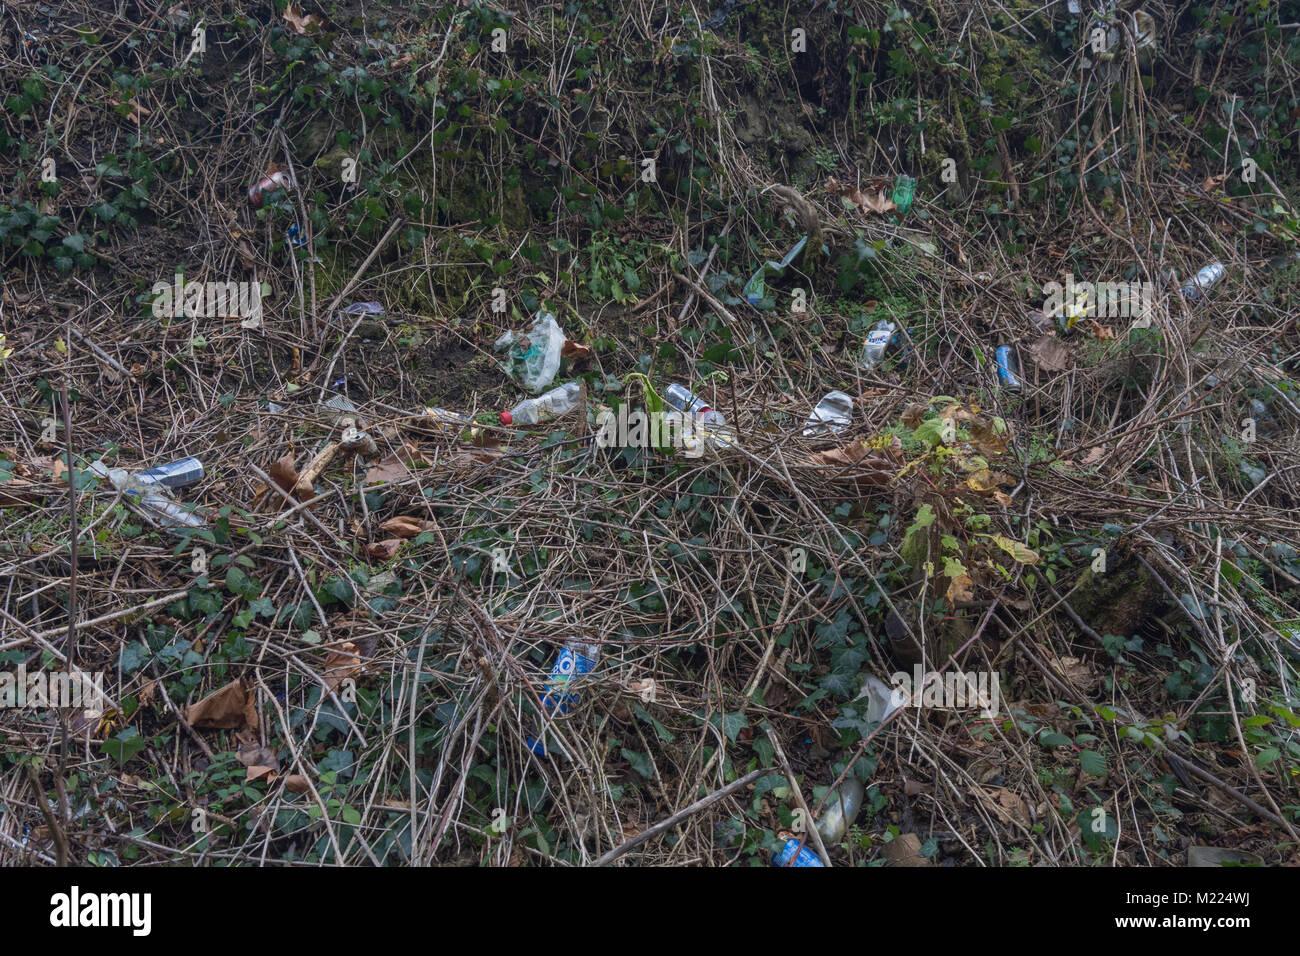 Bouteille plastique échoués sur zone marécageuse - métaphore de la pollution environnementale, Photo Stock